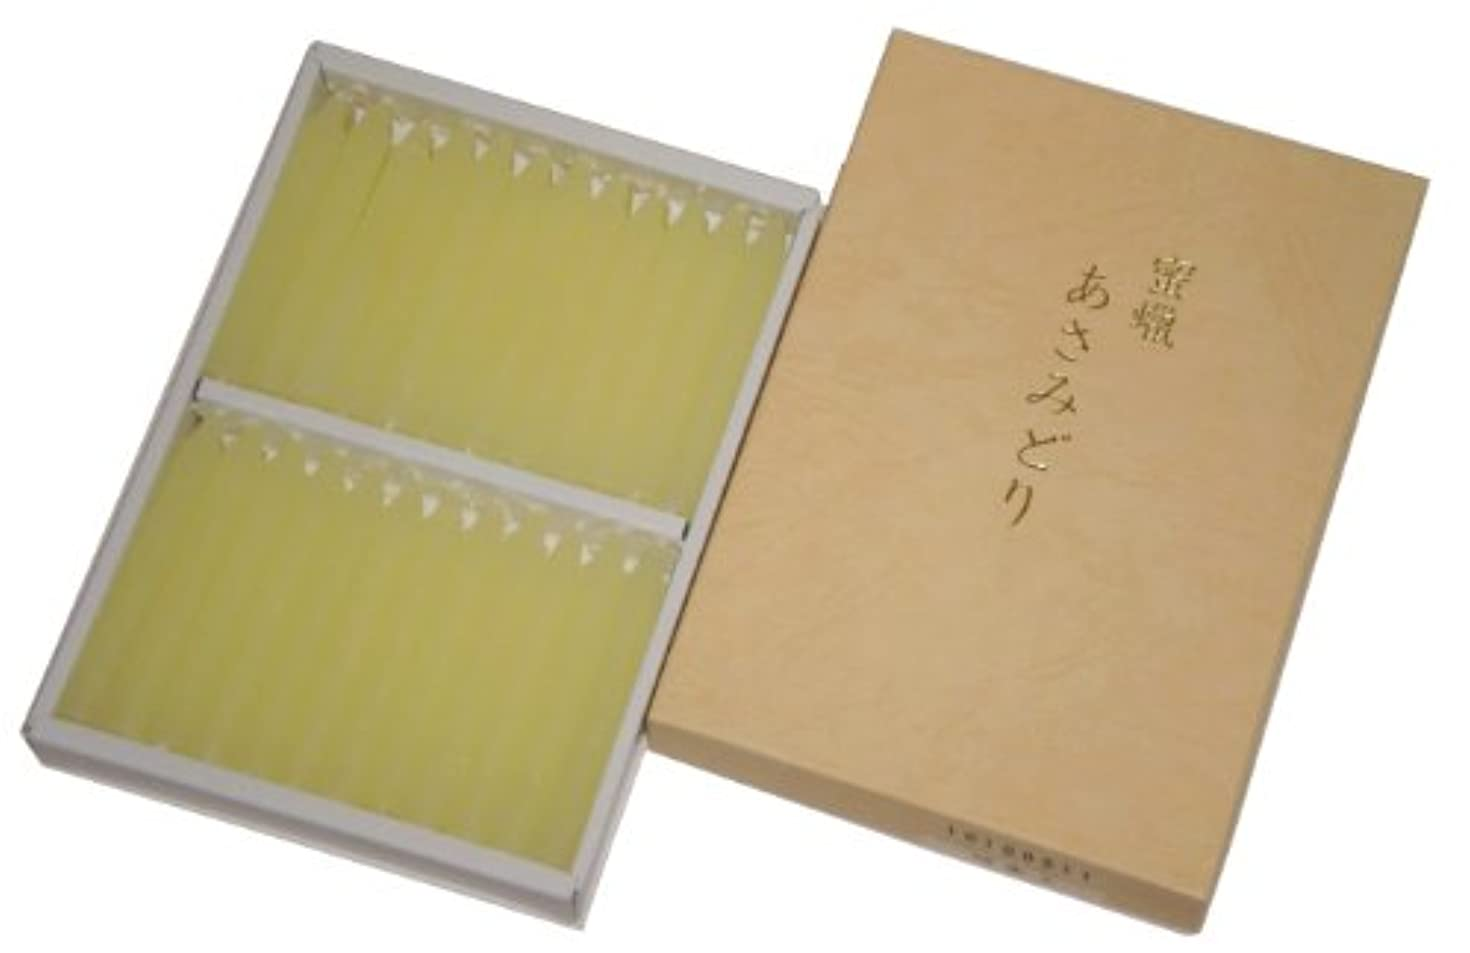 恐ろしいです線液体鳥居のローソク 蜜蝋 あさみどり 太ダルマ48本入 印刷箱 #100511